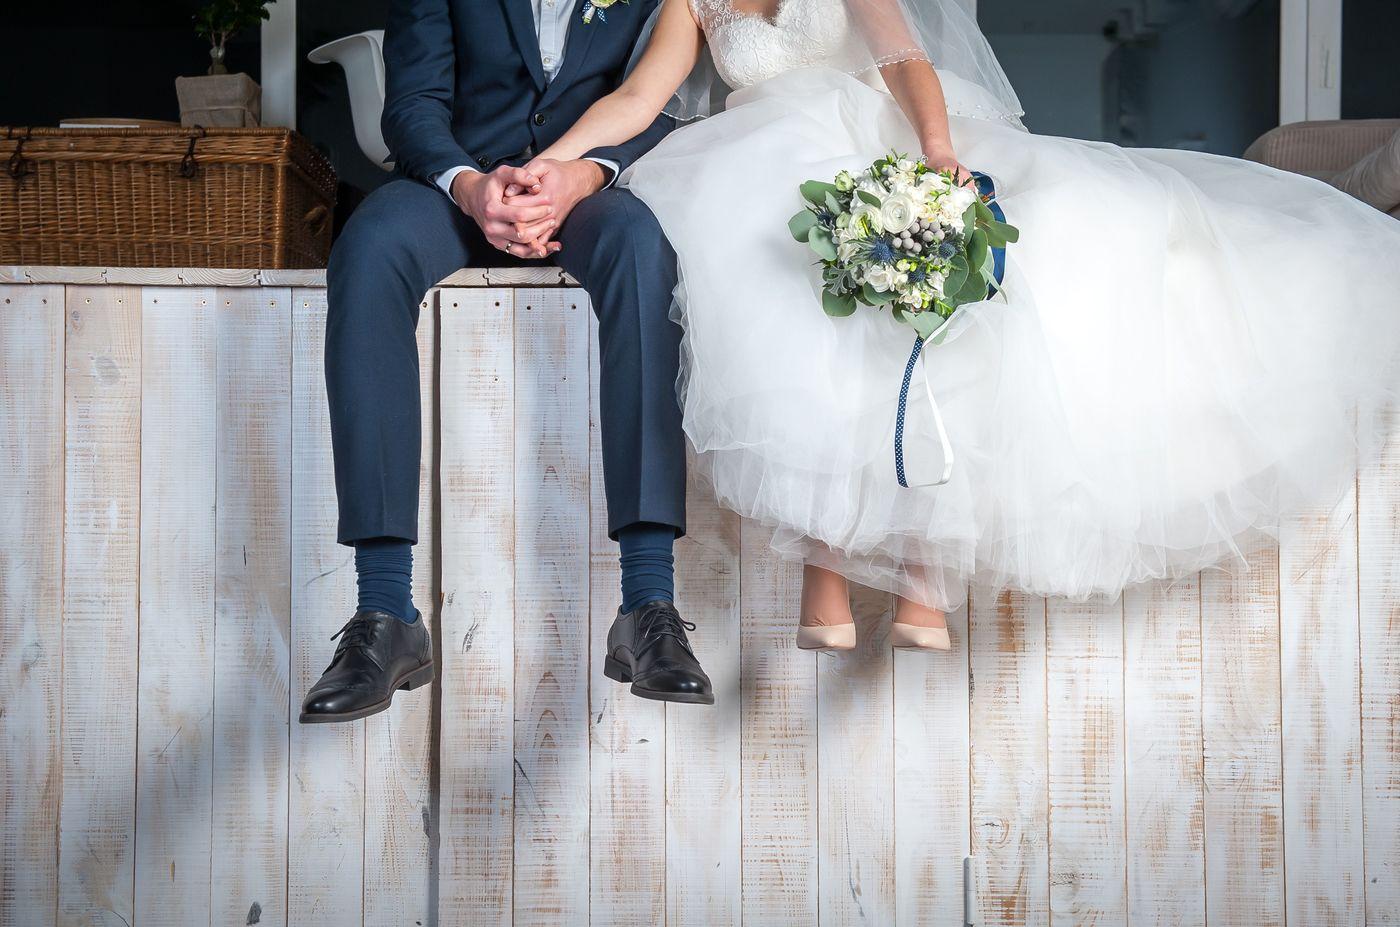 【結婚】楽しいのはいつまで?《楽しい結婚生活が長続きする方法♡》の1枚目の画像